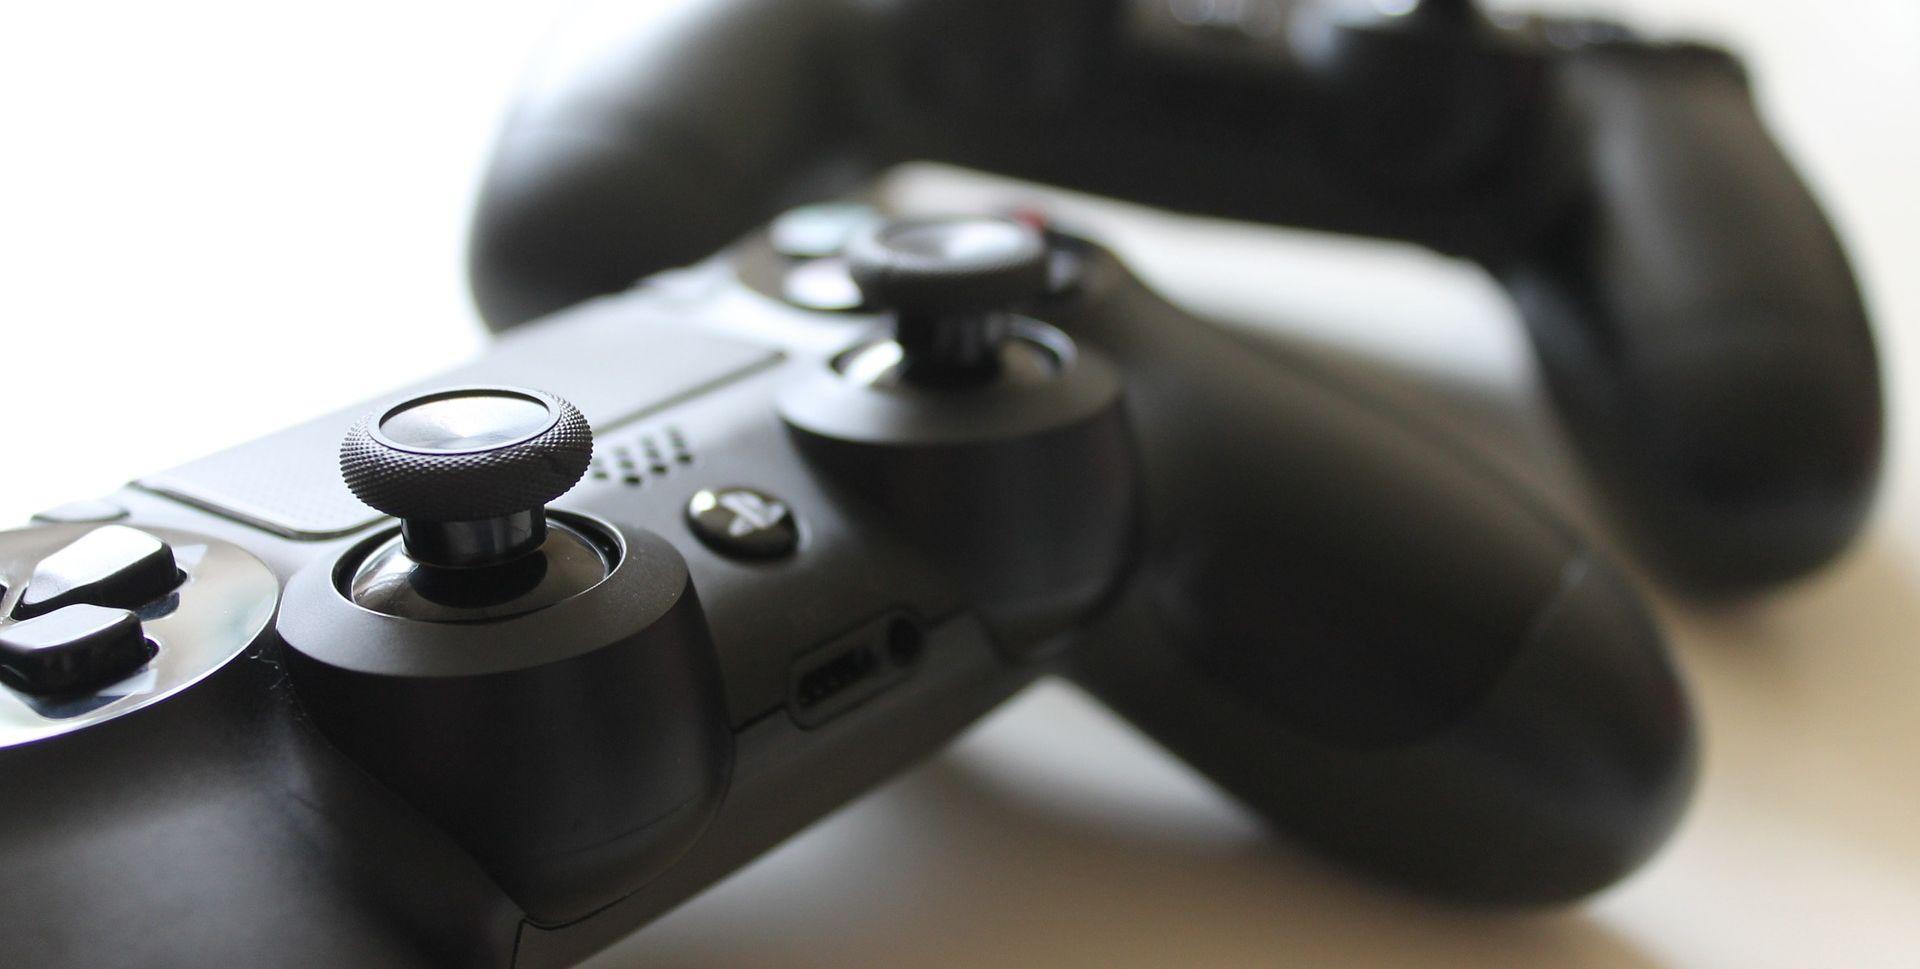 Sony novim PlayStation 4 želi zaadržati primat na tržištu